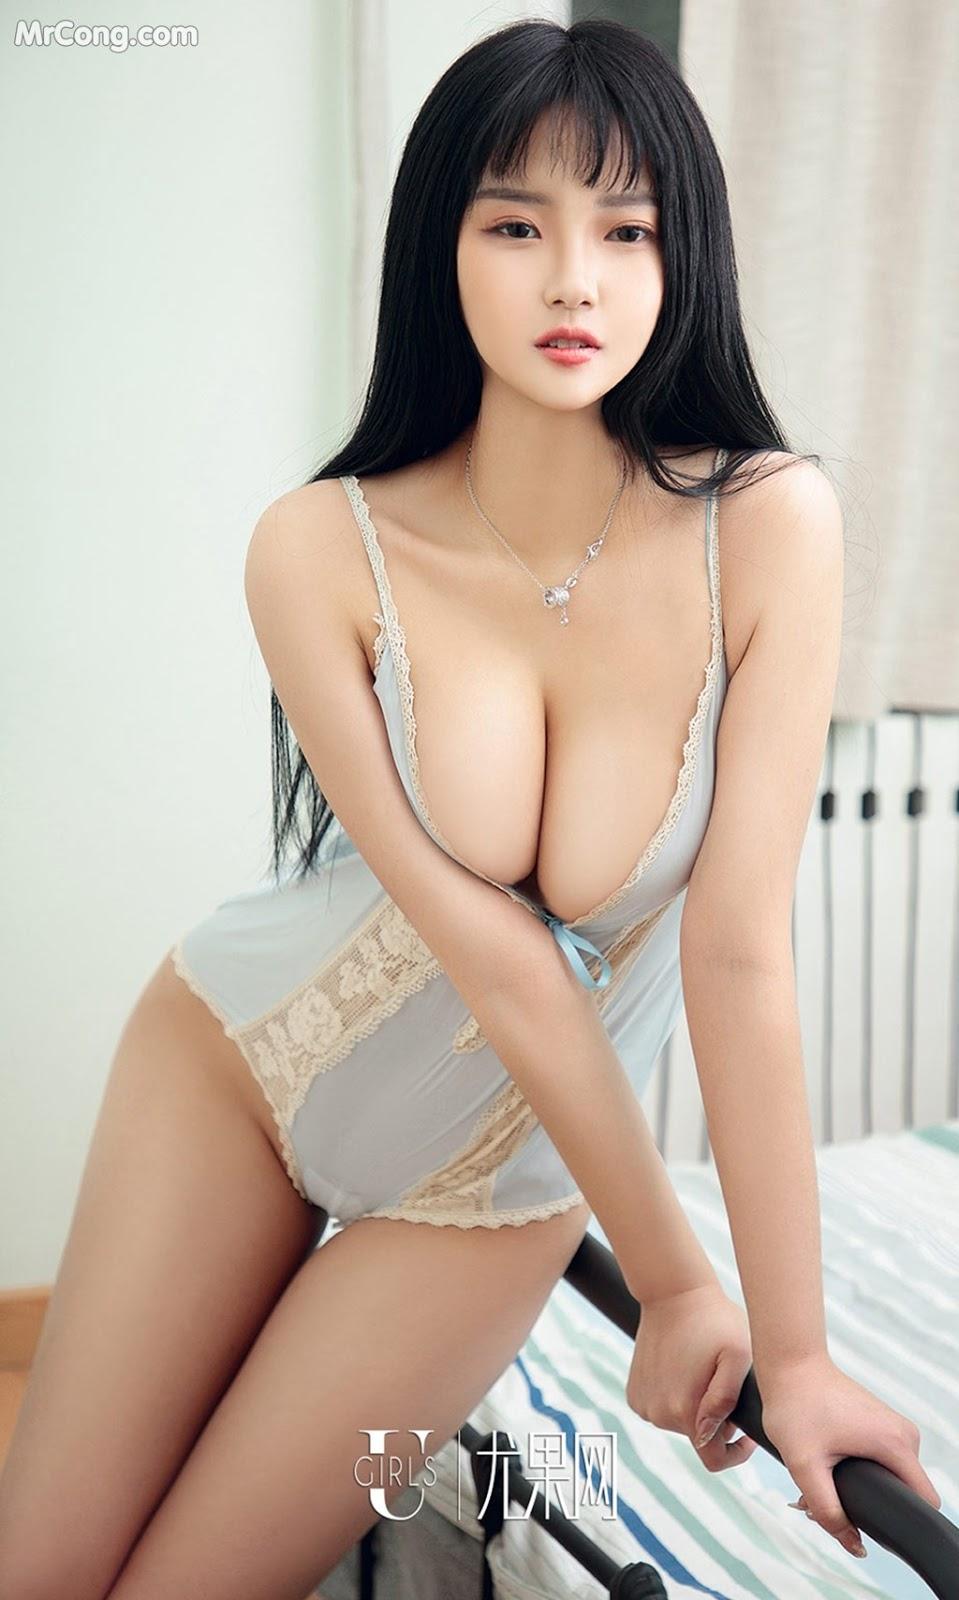 Đứng hình trước nhan sắc xinh đẹp ngây thơ nhưng lại vô cùng gợi cảm với nàng mẫu Tao Zi - Hình 5